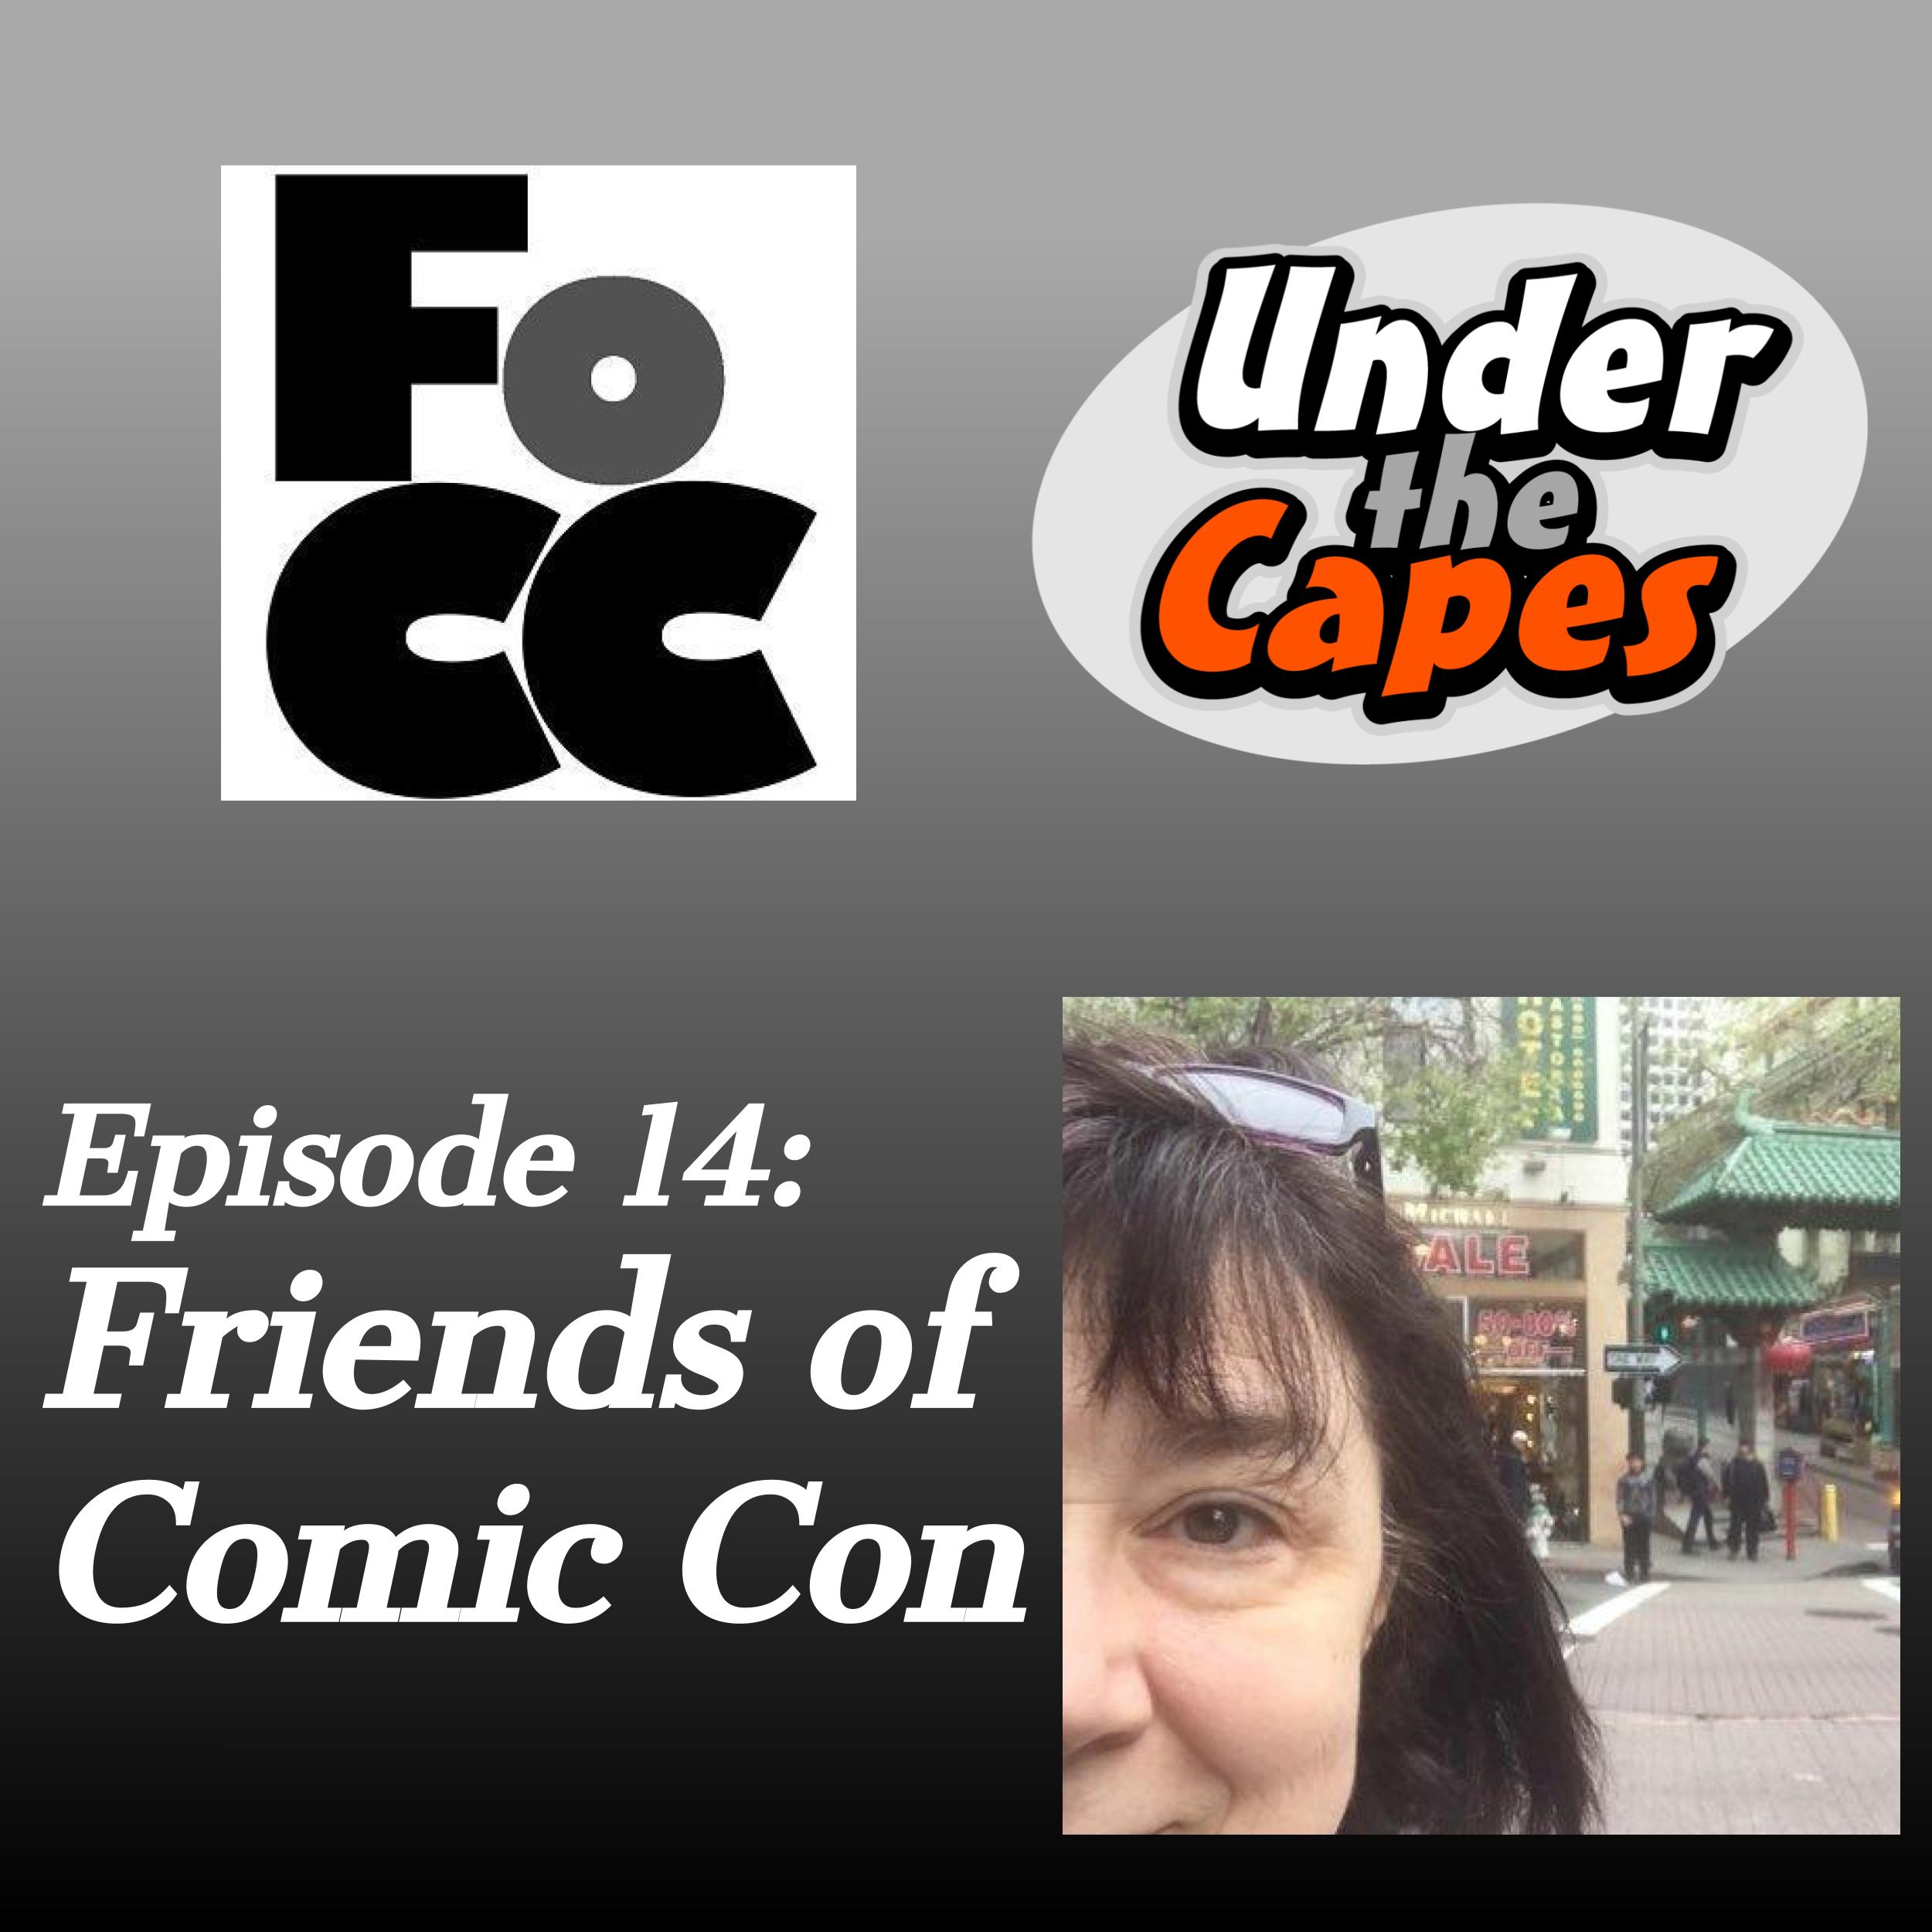 Episode 14: Friends of Comic Con